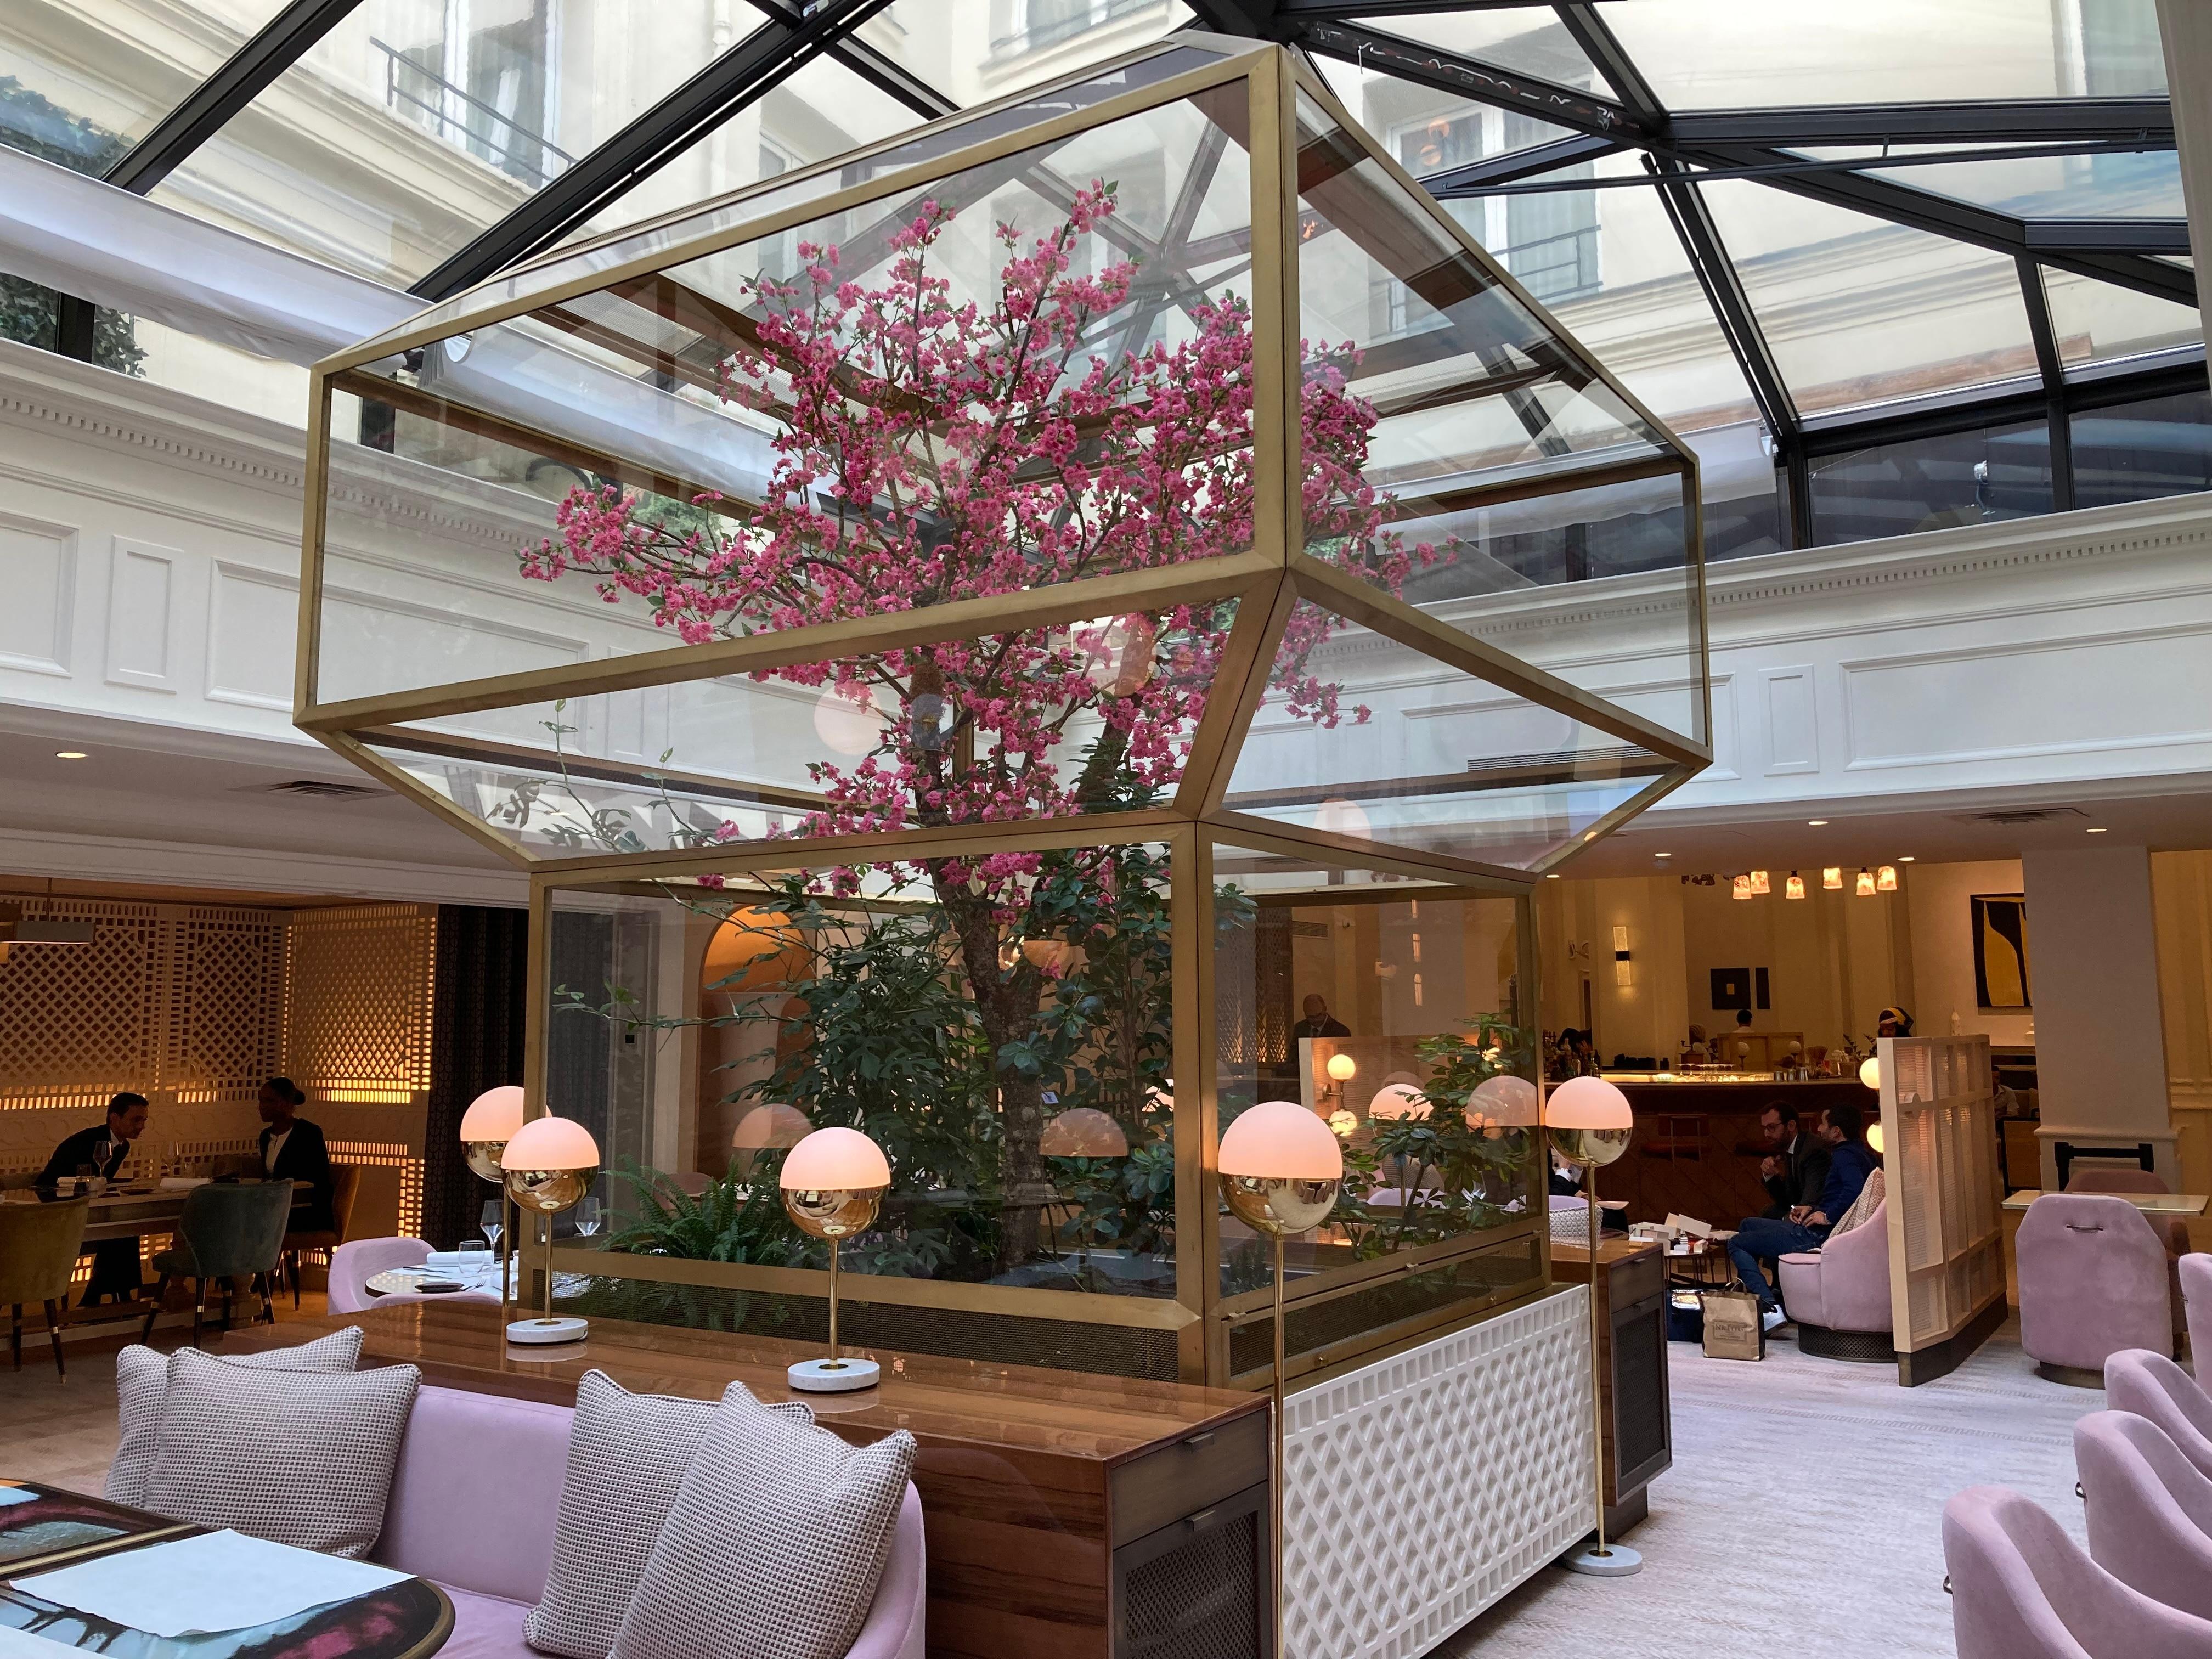 921441cf92d0 H.I.S.】スクリーブ パリ オペラ バイ ソフィテルのホテル詳細(口コミ ...